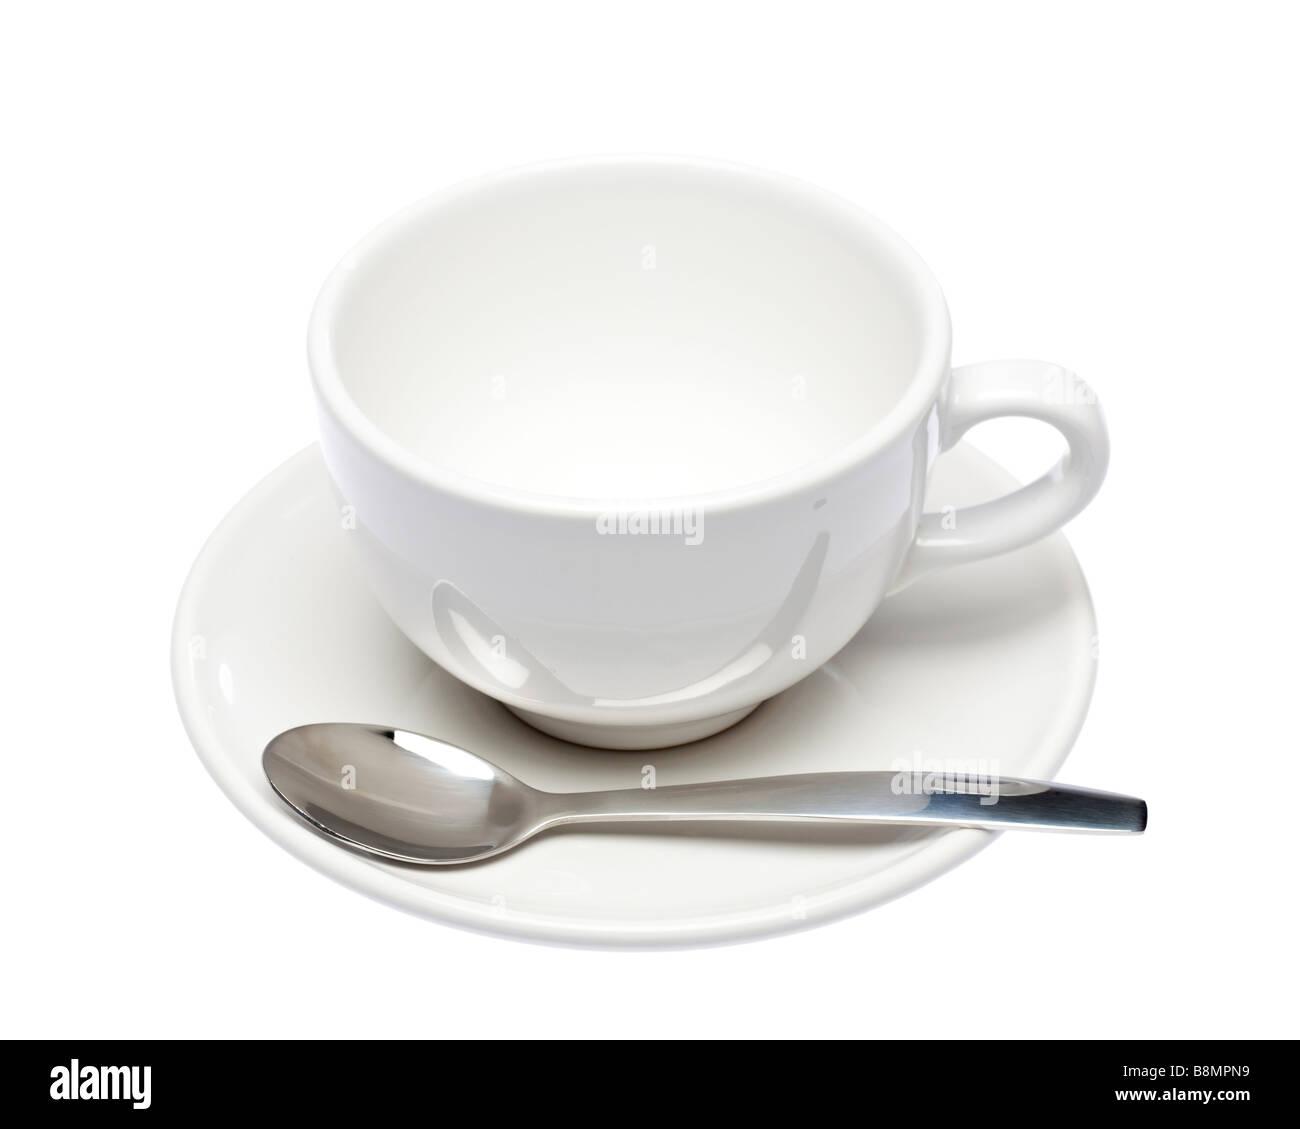 Svuotare la coppa di bianco e il piattino con il cucchiaio sul ritaglio bianco Immagini Stock